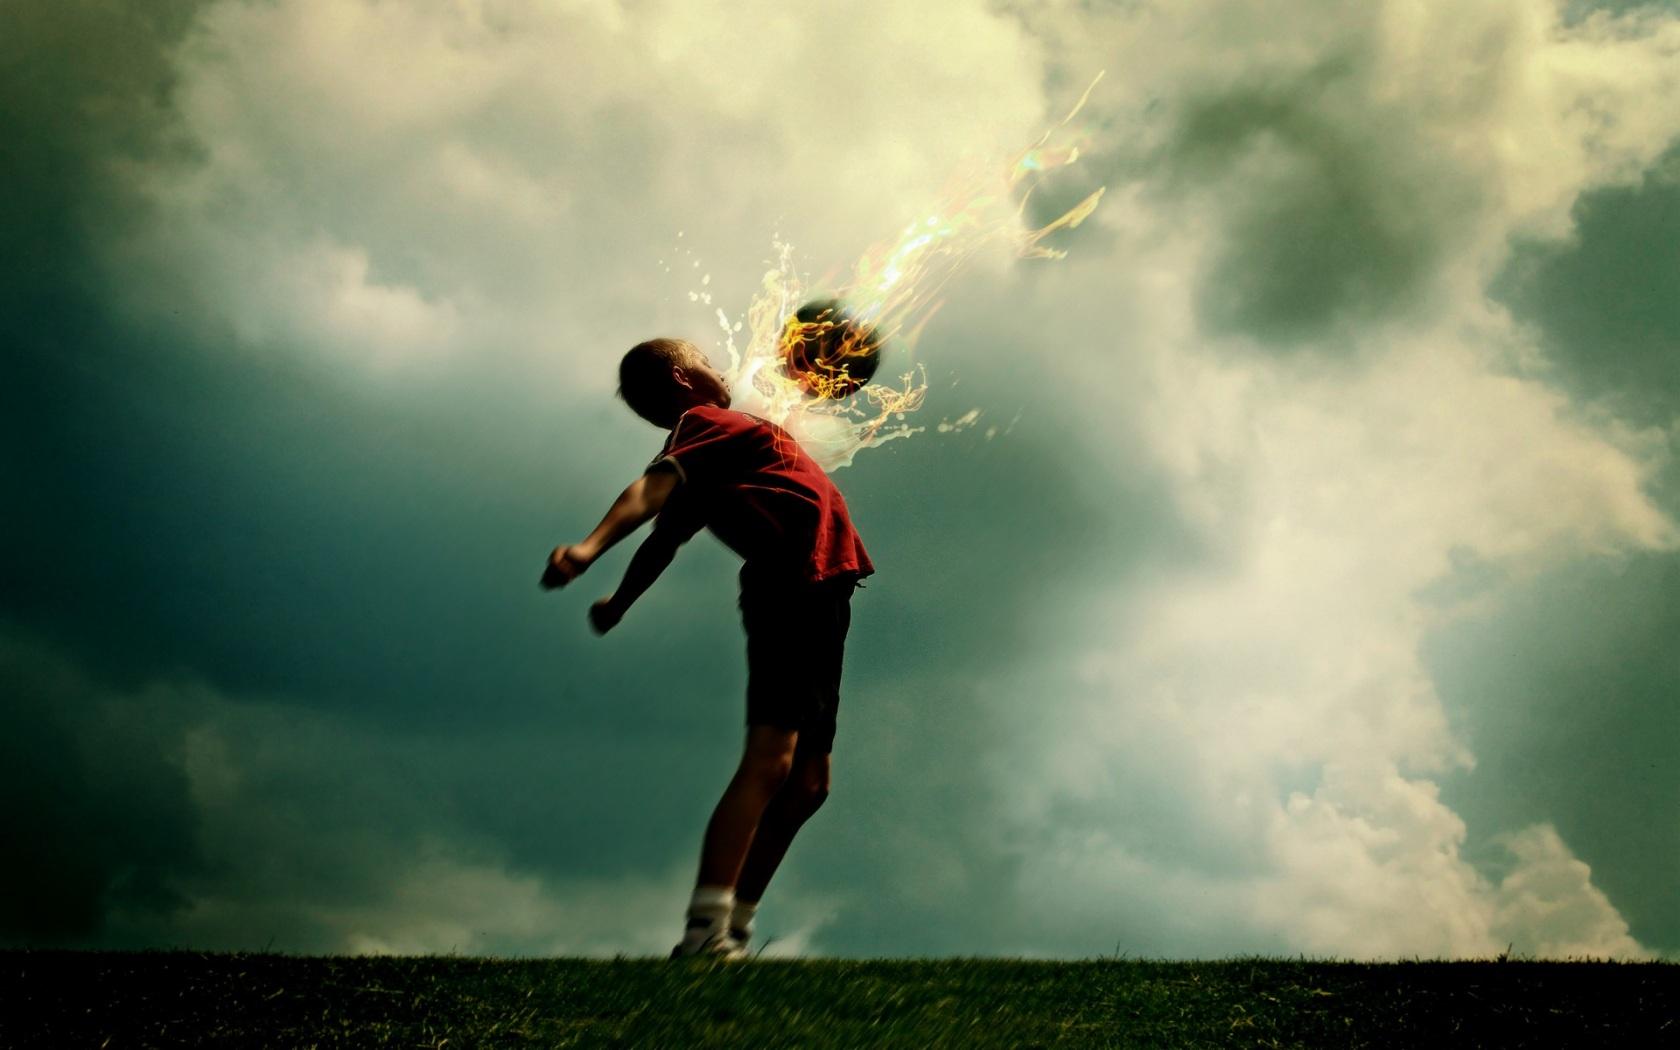 Спорт футбол огненный шар обои